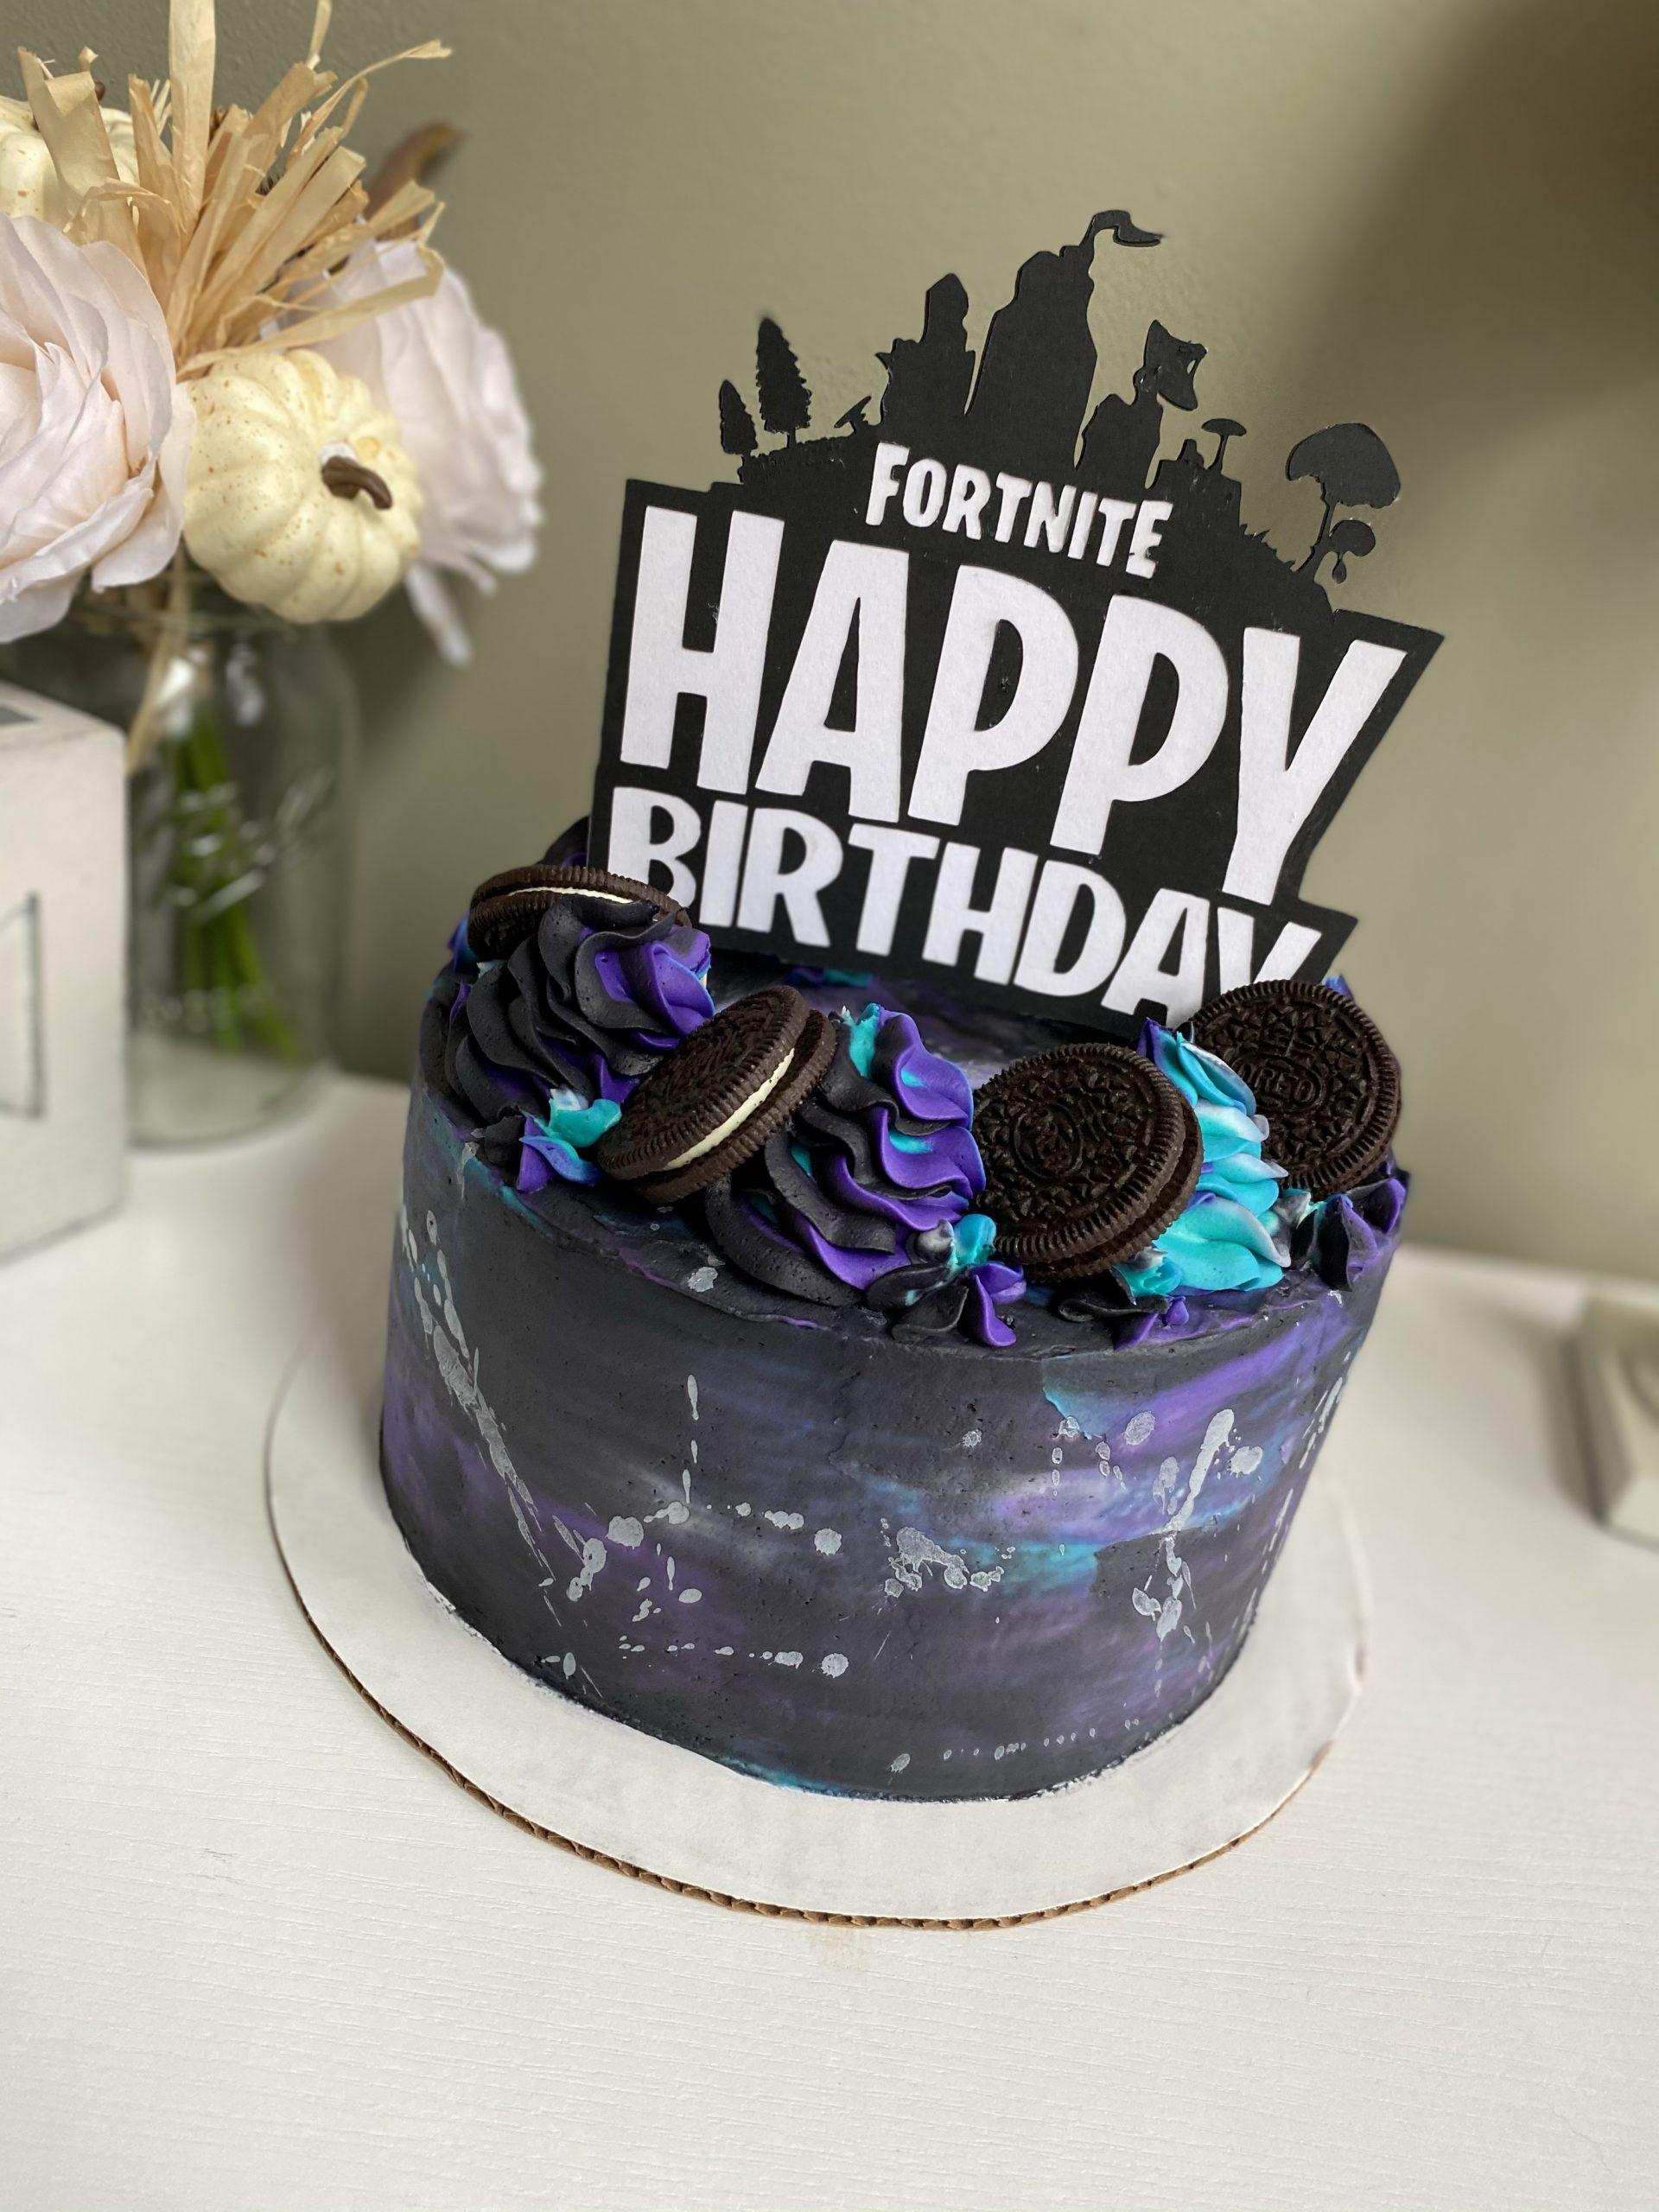 A Fun Fortnite Cake Kisses Caffeine All fortnite birthday cake locations. a fun fortnite cake kisses caffeine